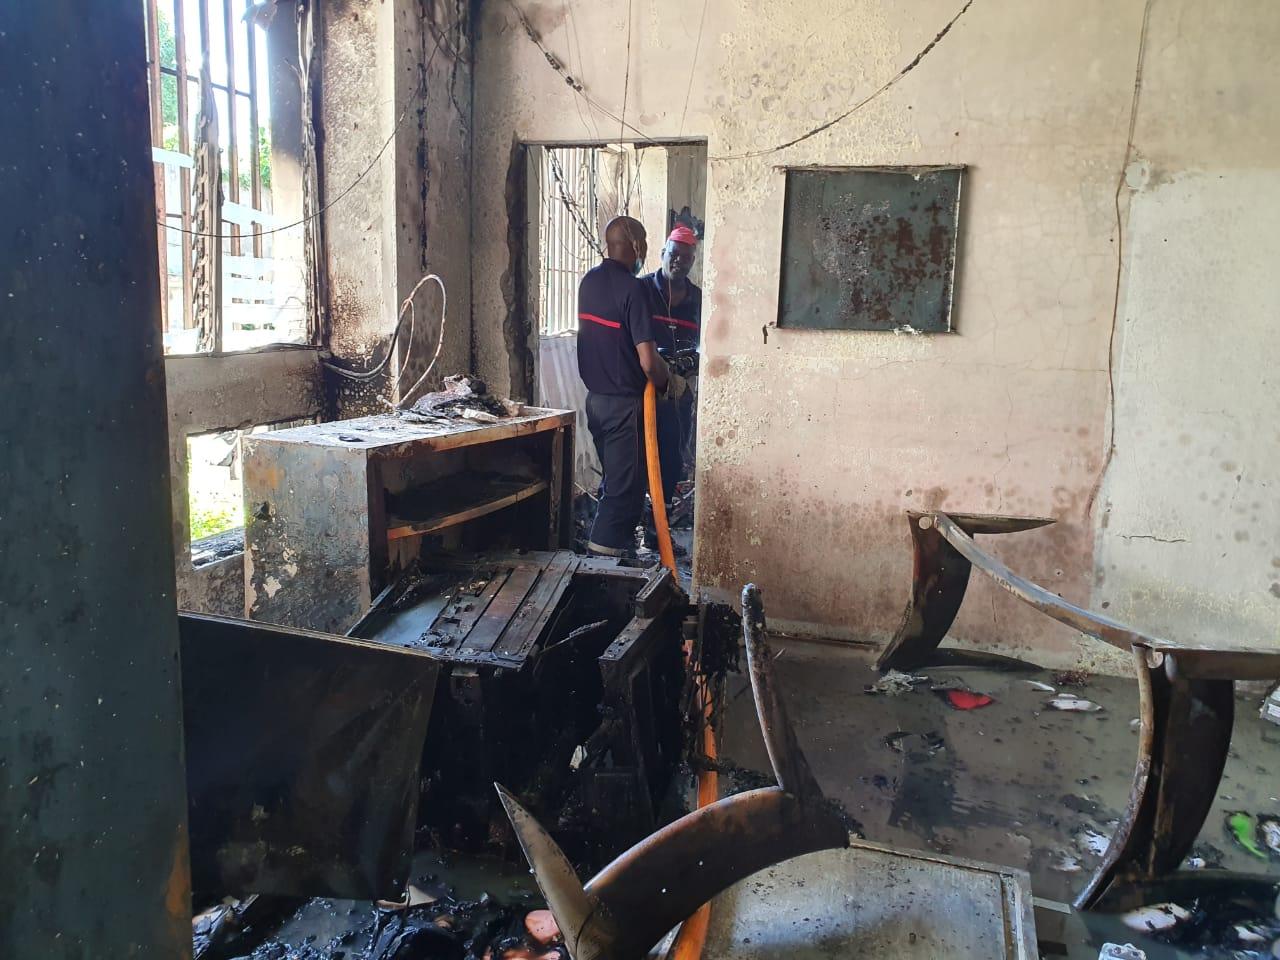 Un incendie a ravagé des locaux administratifs du lycée professionnel de Blanchet